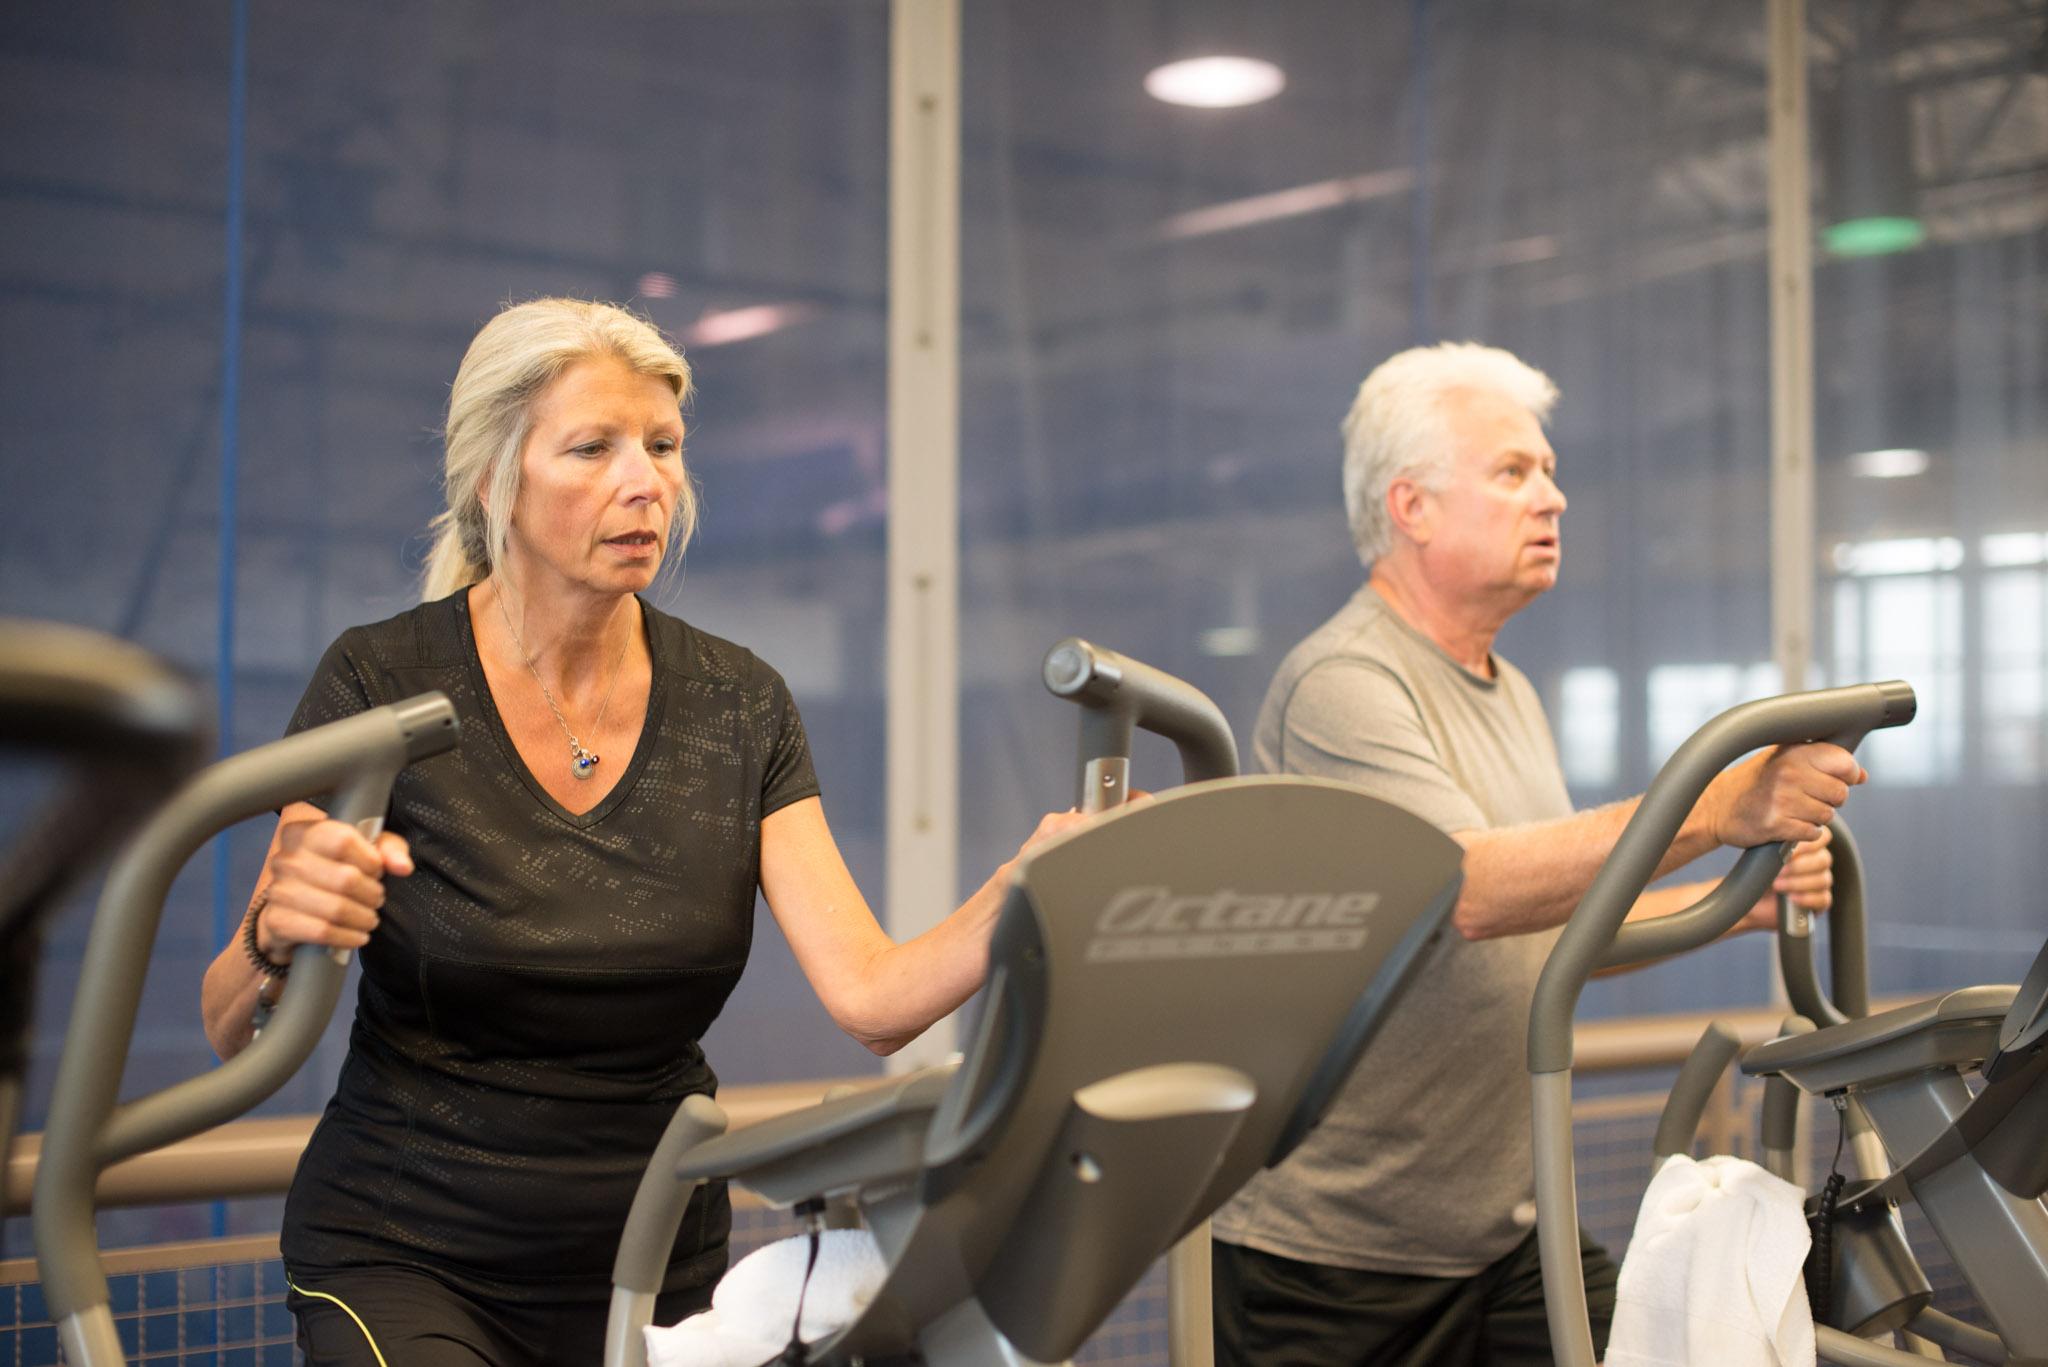 Wellness Center Stock Photos-1306.jpg